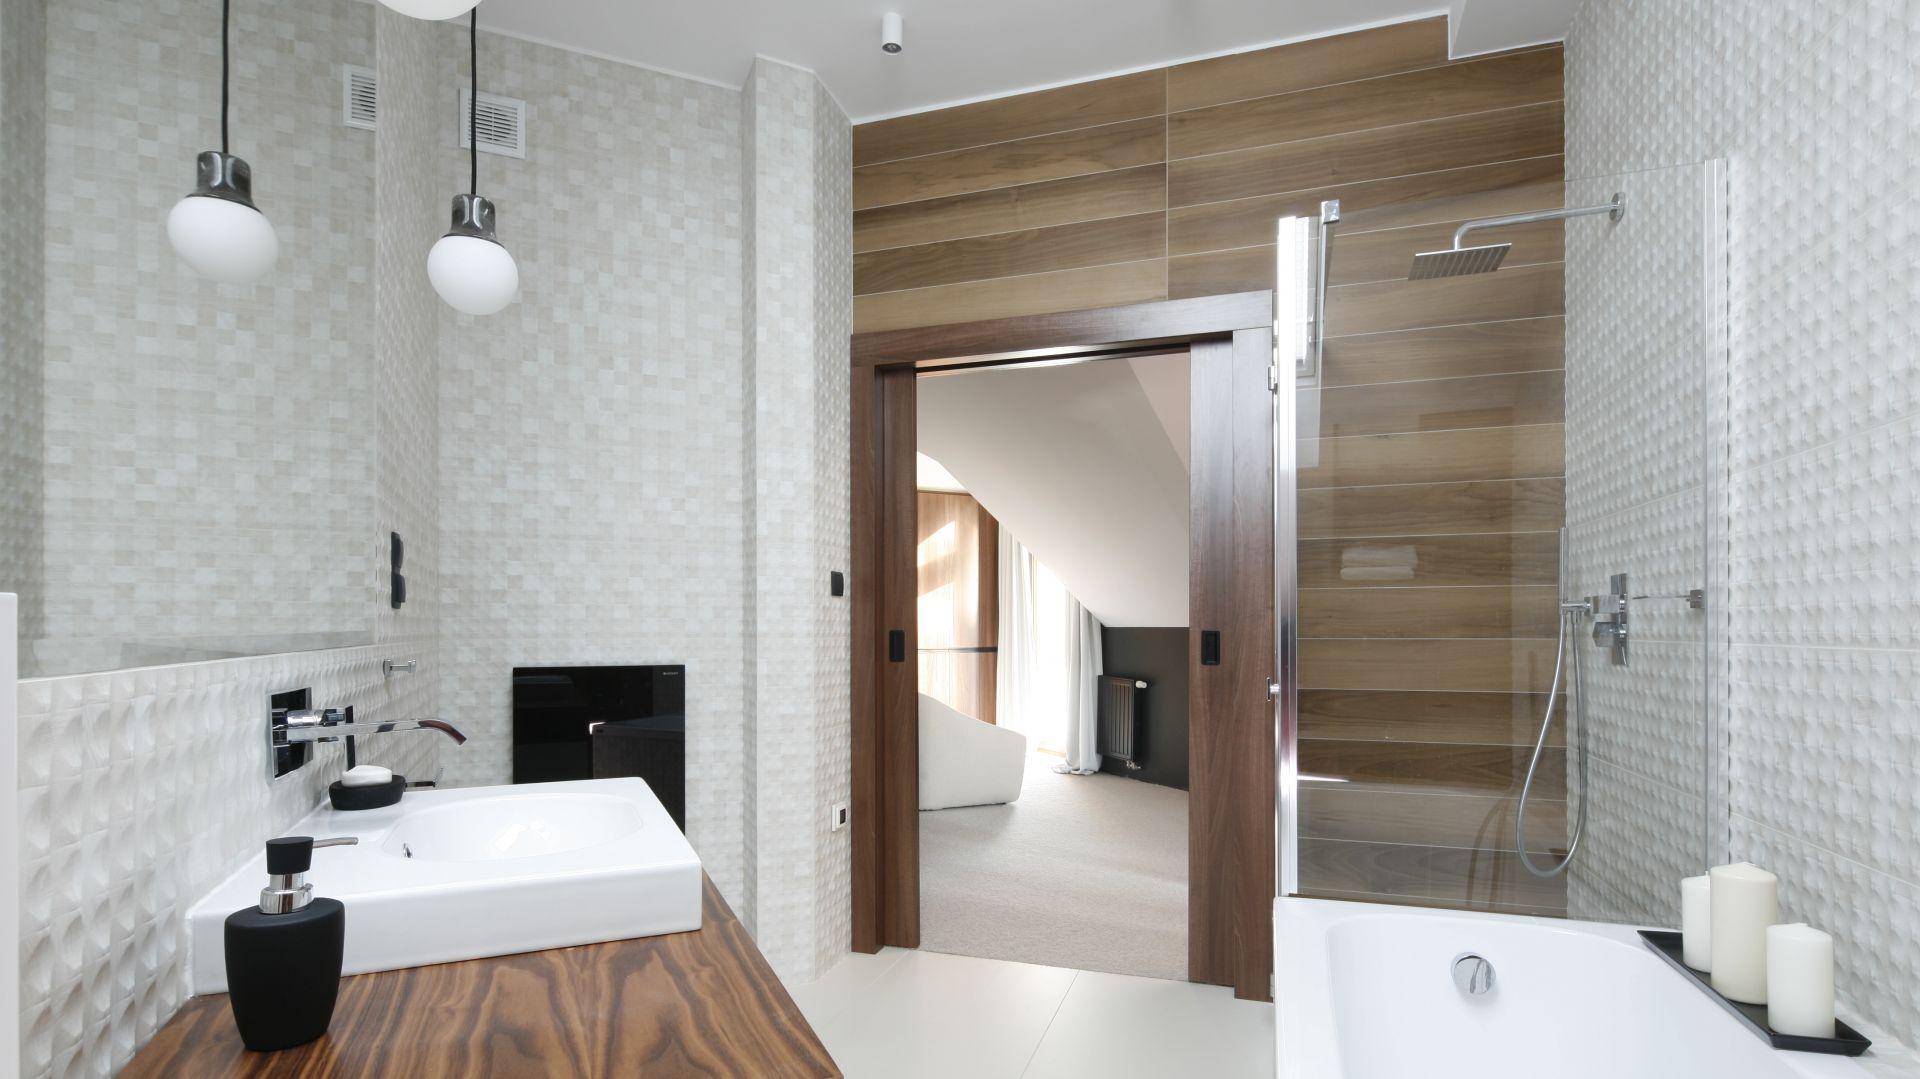 Gotowy projekt nowoczesnej łazienki. Proj. Jan Sikora. Fot. Bartosz Jarosz